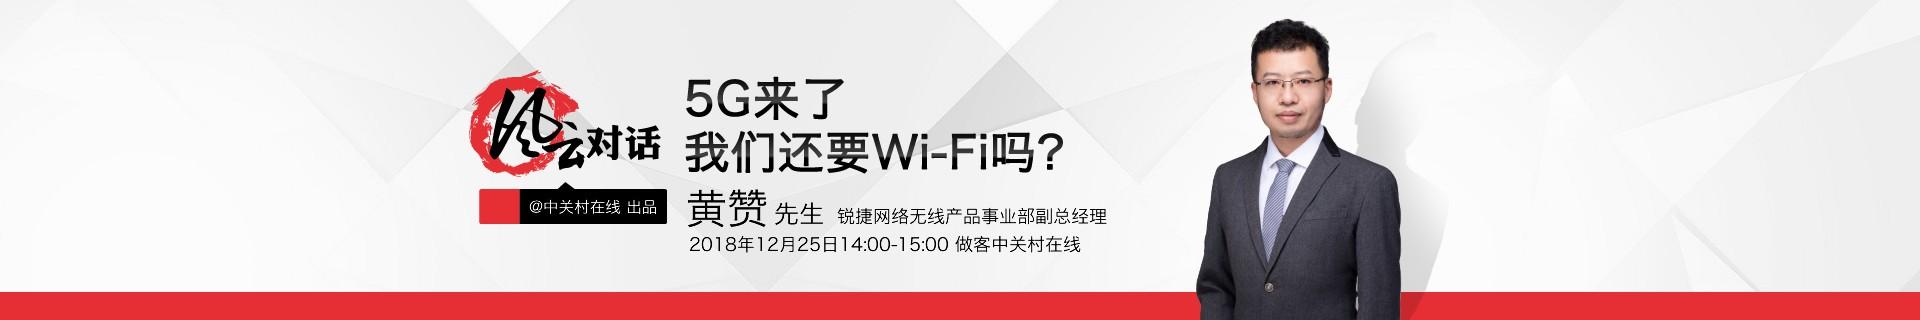 风云对话锐捷:5G来了,我们还要Wi-Fi吗?